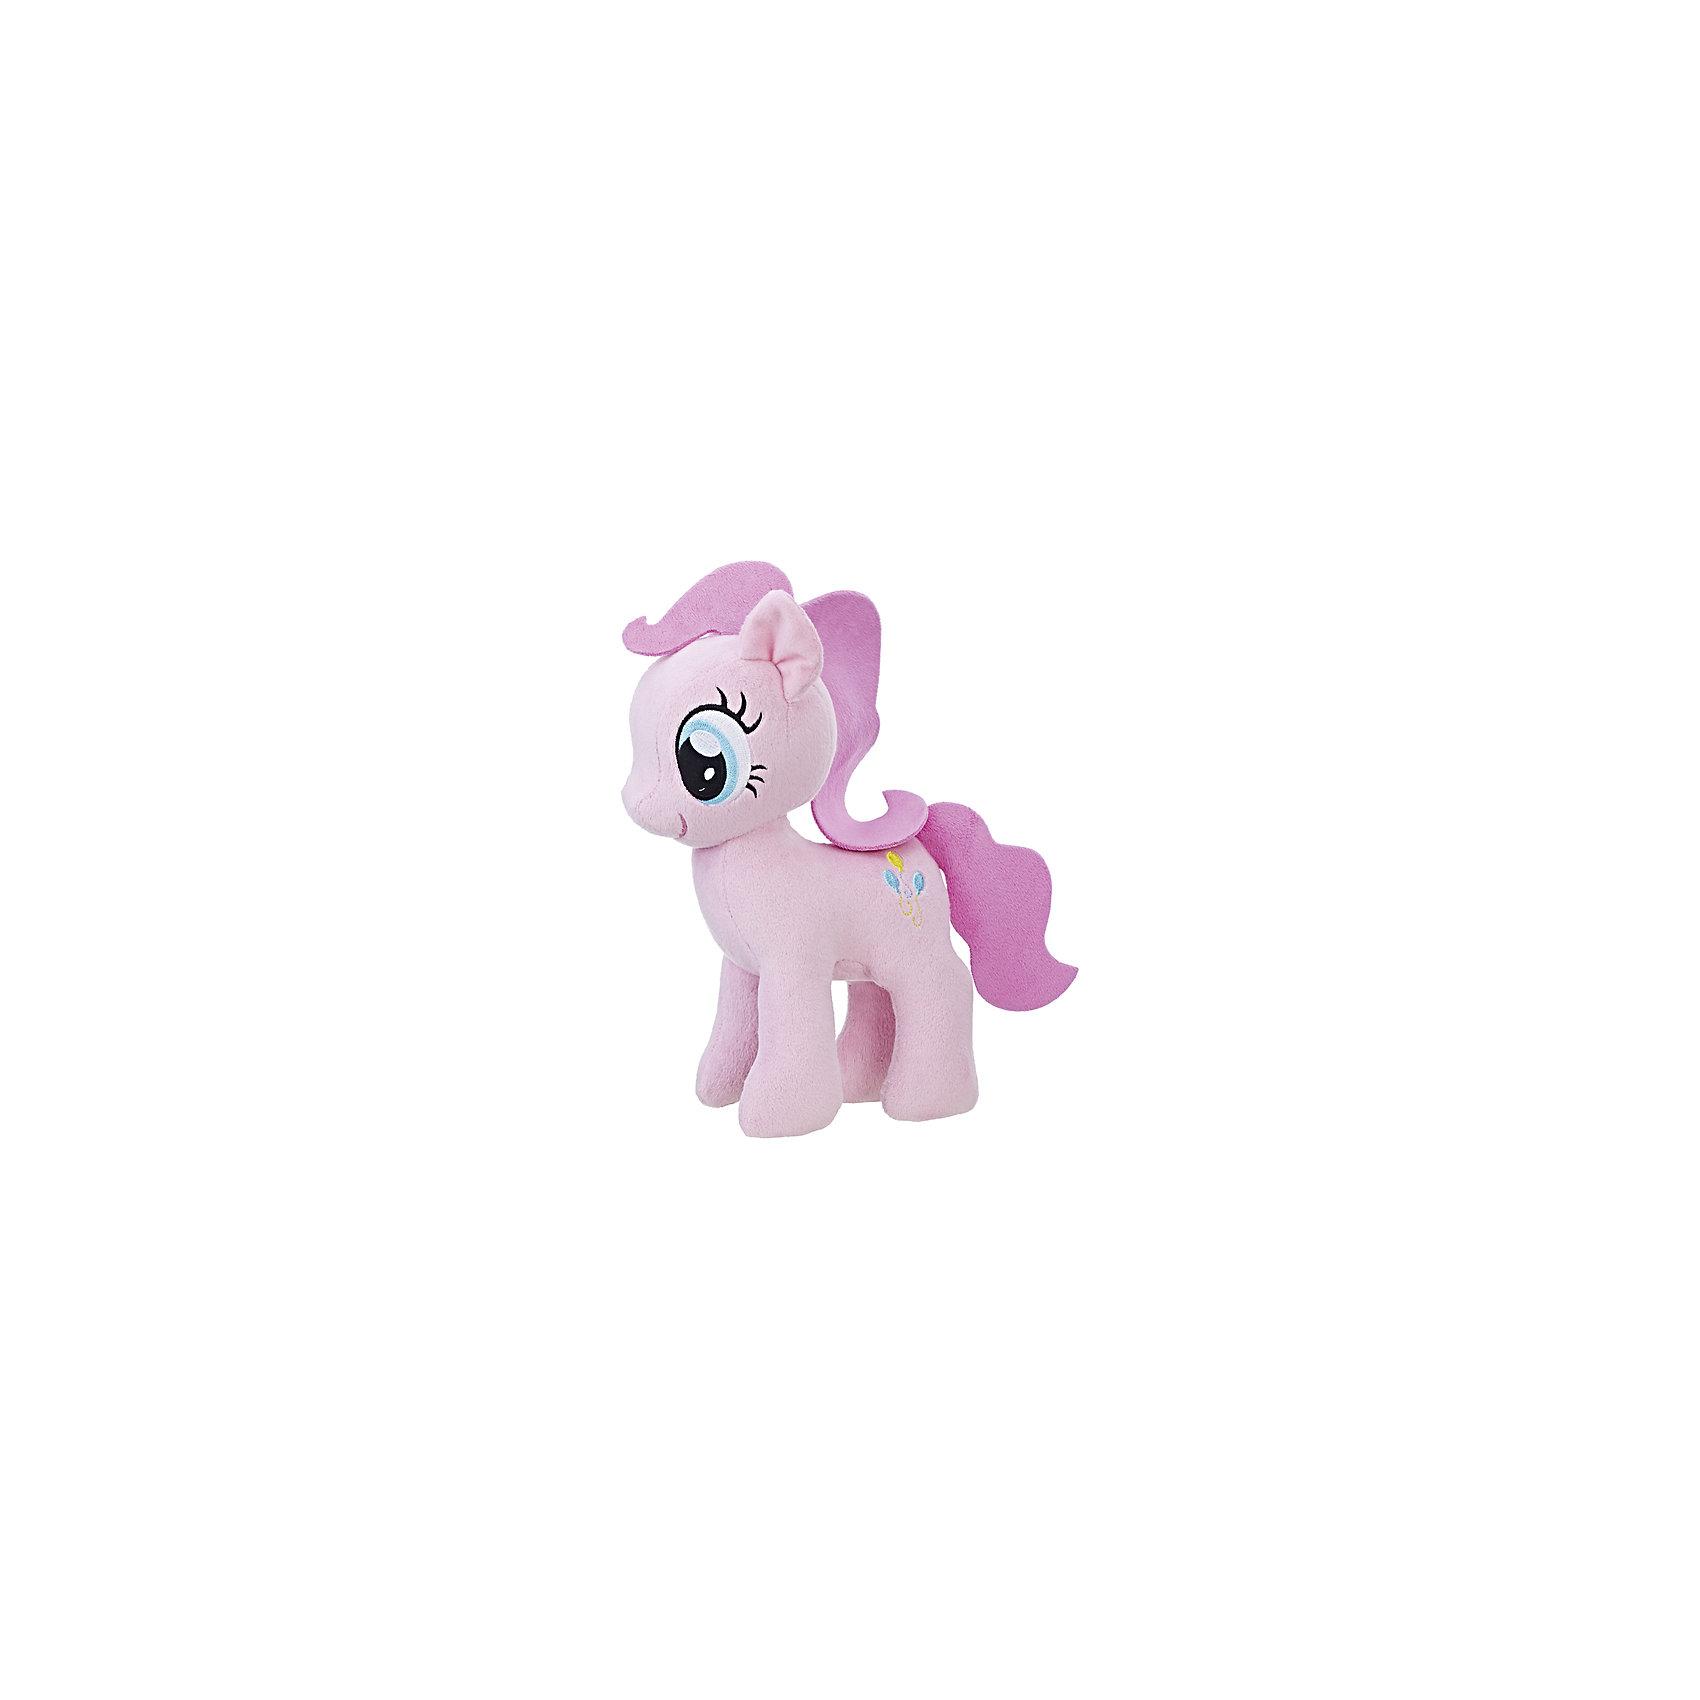 Мягкая игрушка Hasbro My little Pony Плюшевые пони, Пинки ПайМягкие игрушки из мультфильмов<br><br><br>Ширина мм: 80<br>Глубина мм: 160<br>Высота мм: 240<br>Вес г: 186<br>Возраст от месяцев: 36<br>Возраст до месяцев: 2147483647<br>Пол: Женский<br>Возраст: Детский<br>SKU: 7137778